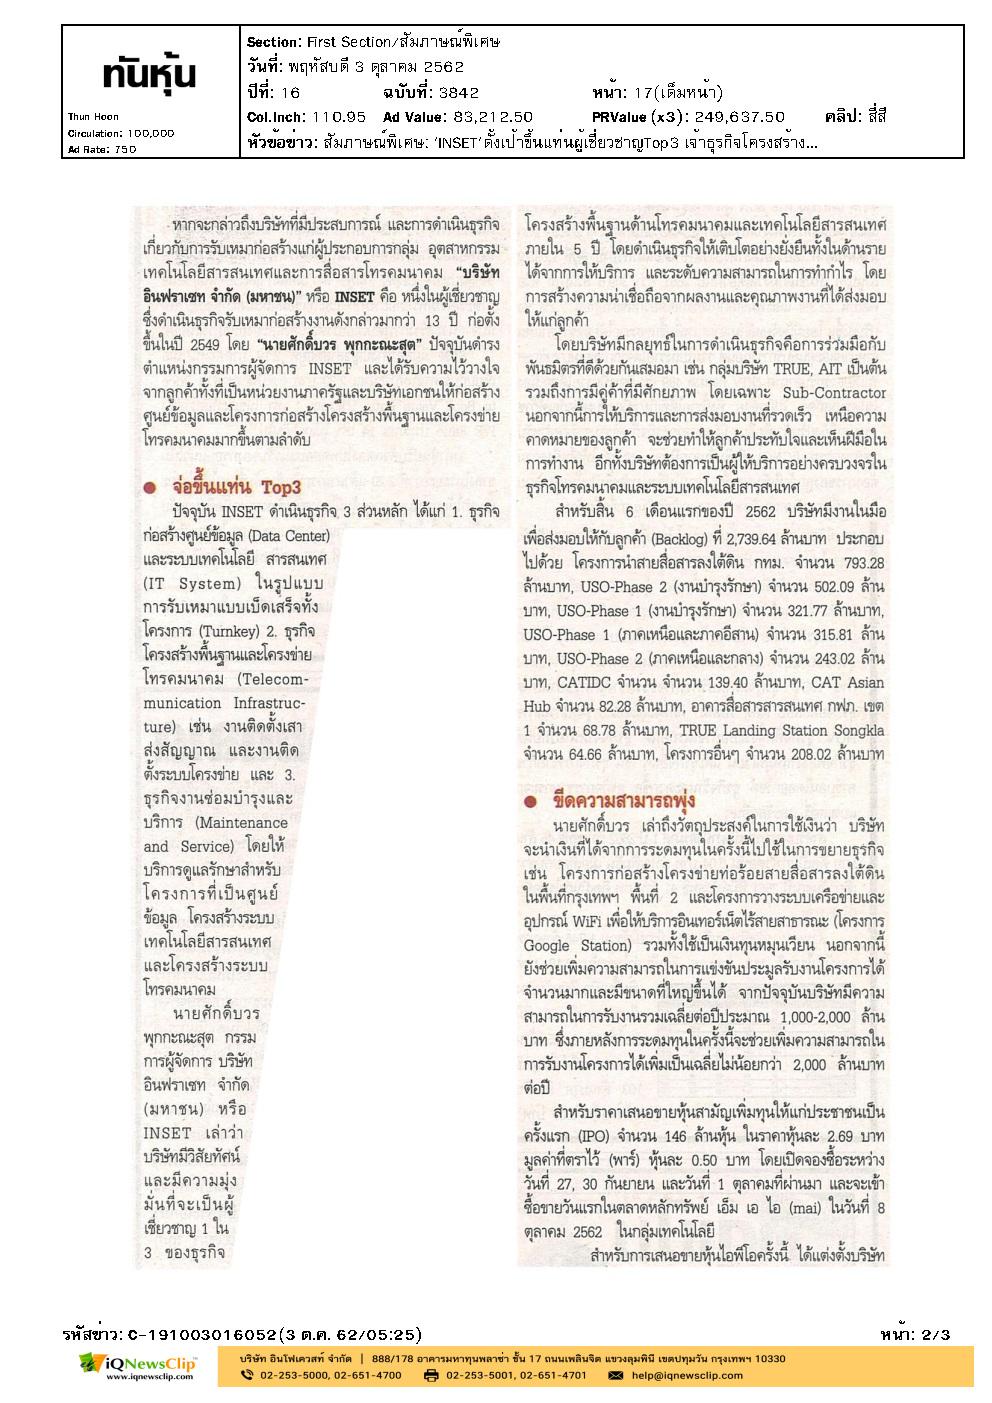 031019_ทันหุ้น (2)_Page2